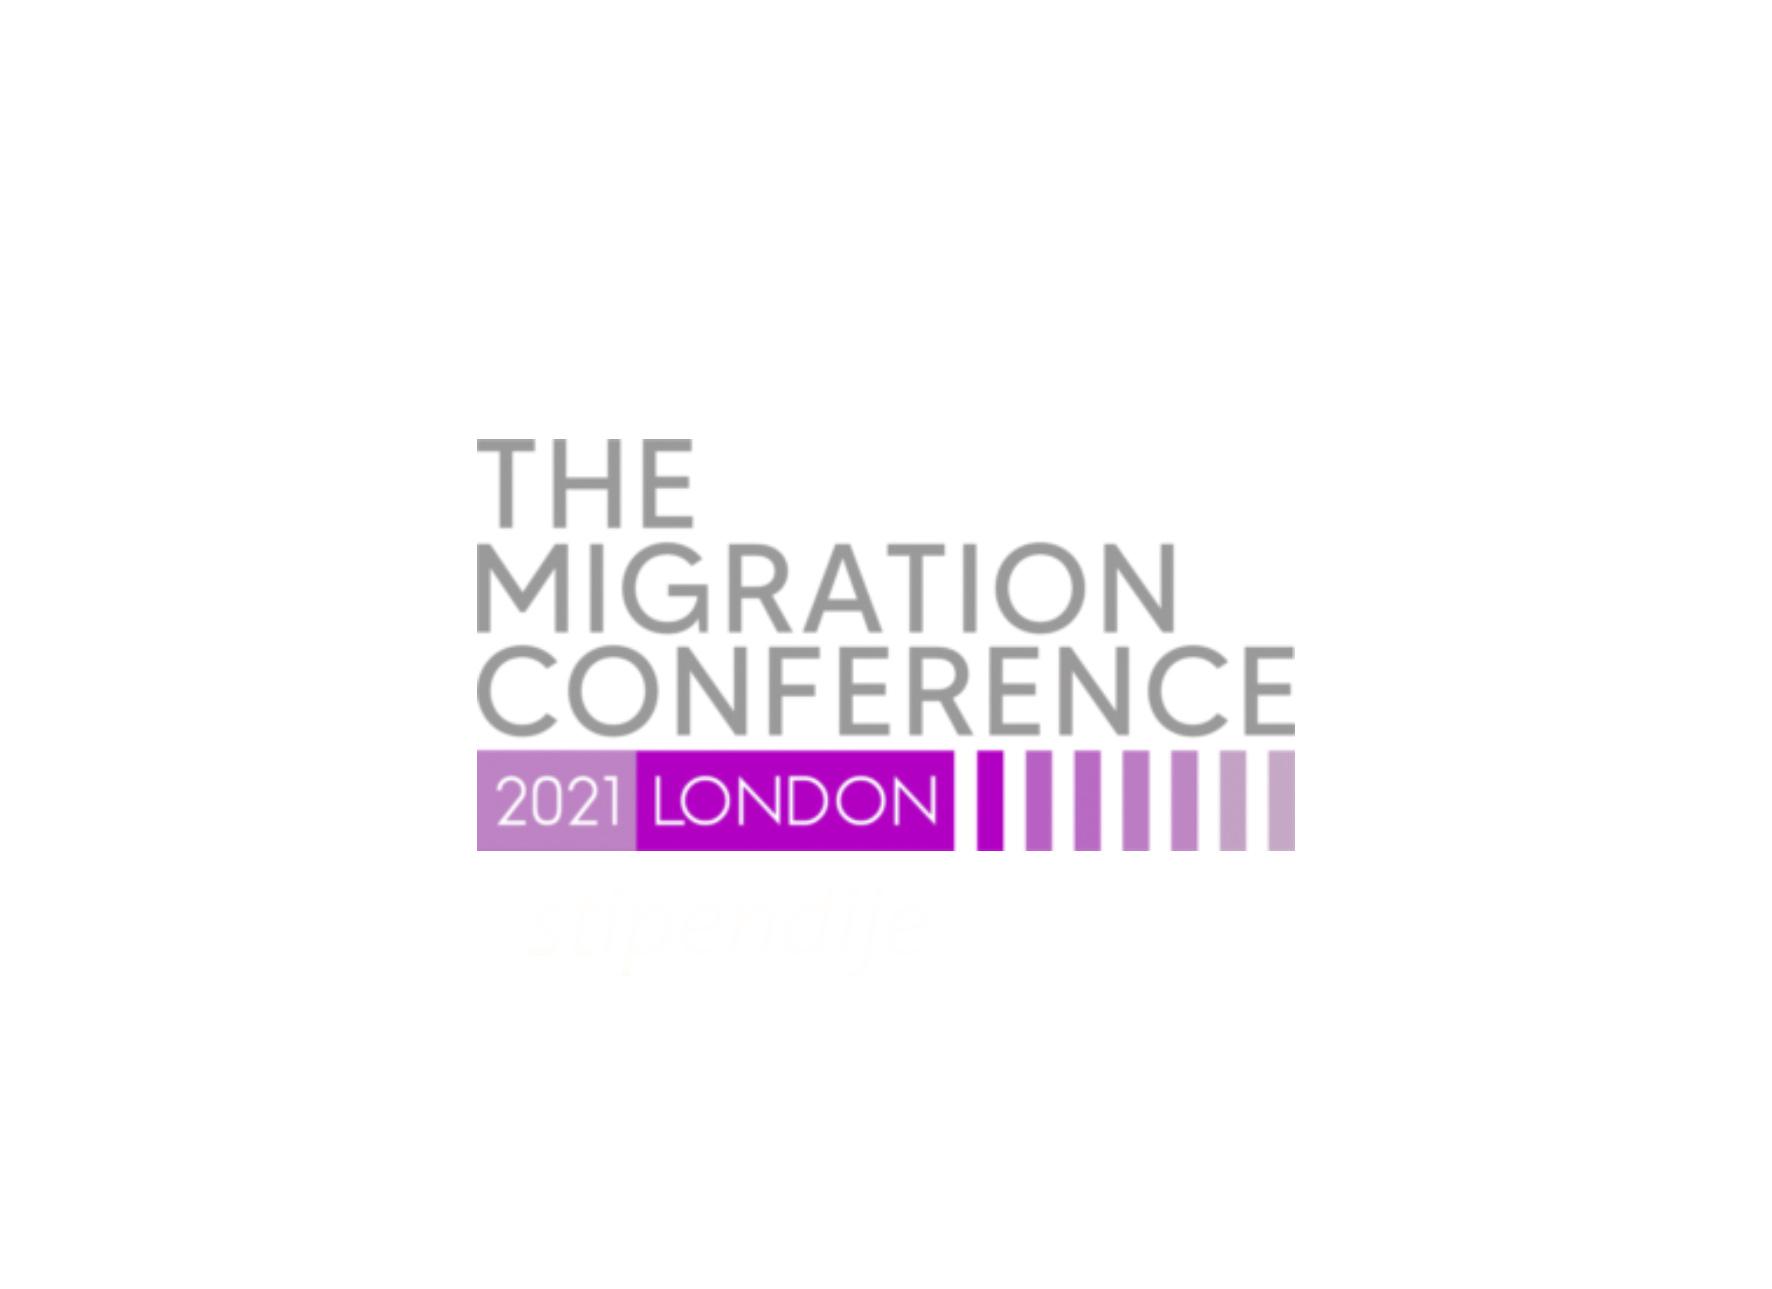 Poziv za prijave učešća na međunarodnoj konferenciji The Migration Conference 2021